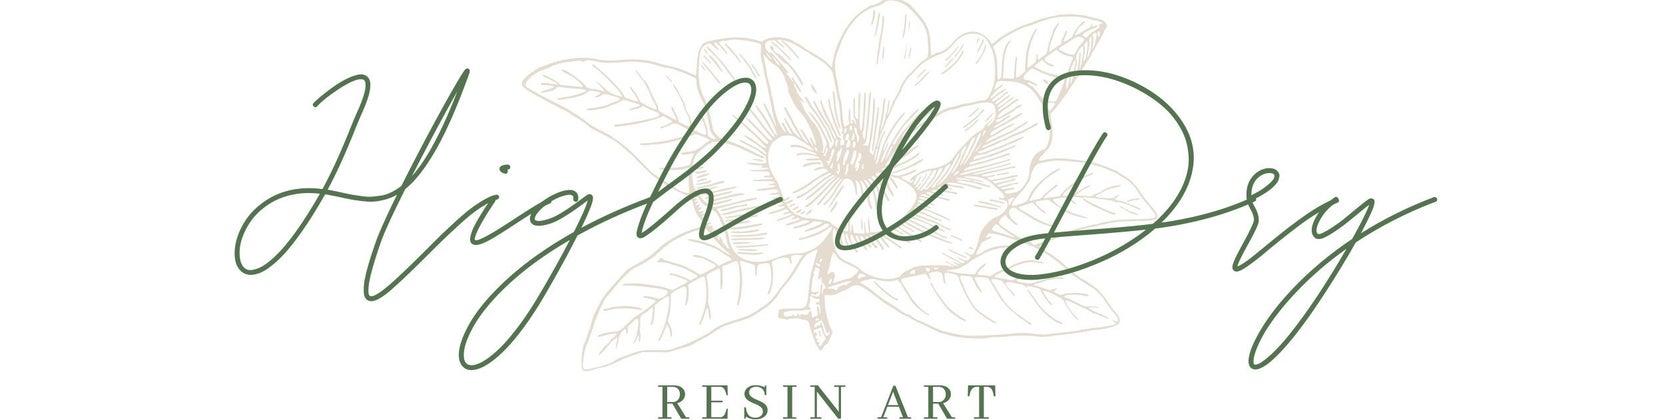 High & Dry Art Logo - Artsyflower.com